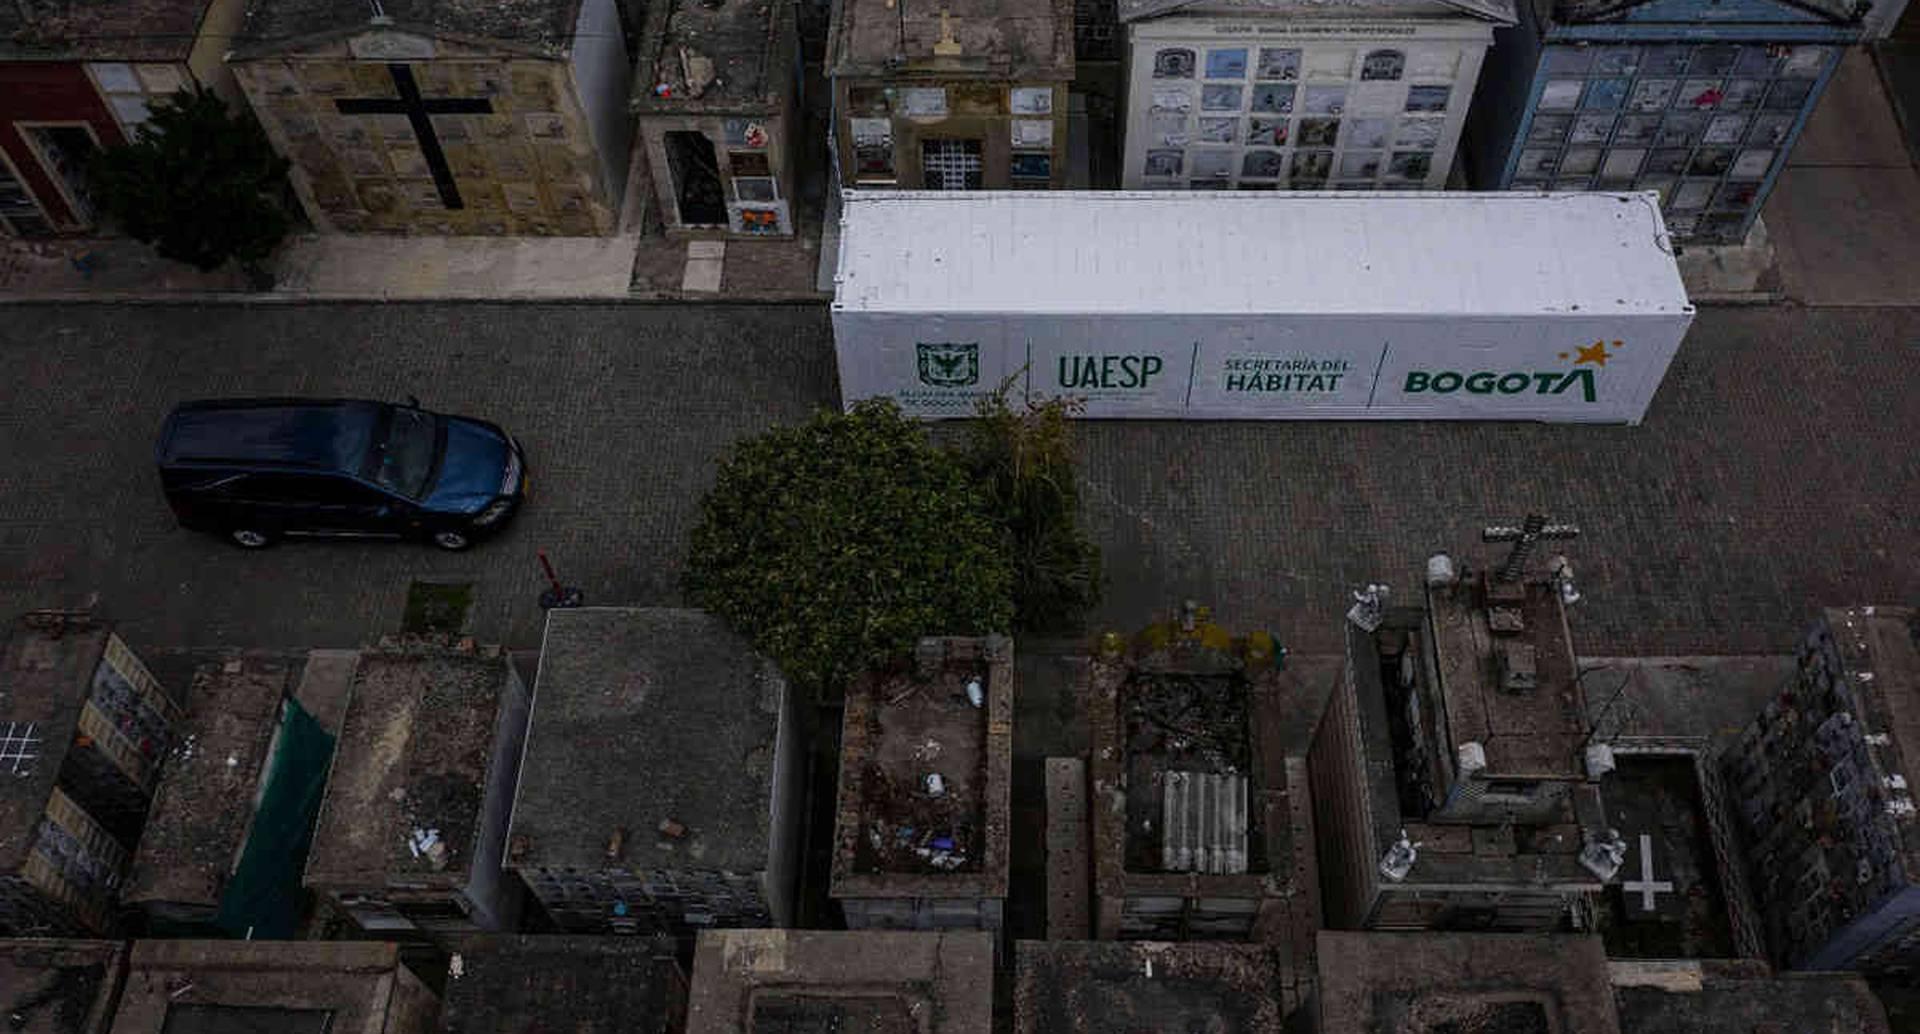 En el Cementerio del Norte fue instalado el primero de los tres contenedores refrigerados con los que la Uaesp hace frente a la emergencia por covid-19 en Bogotá. Foto: Esteban Vega/SEMANA